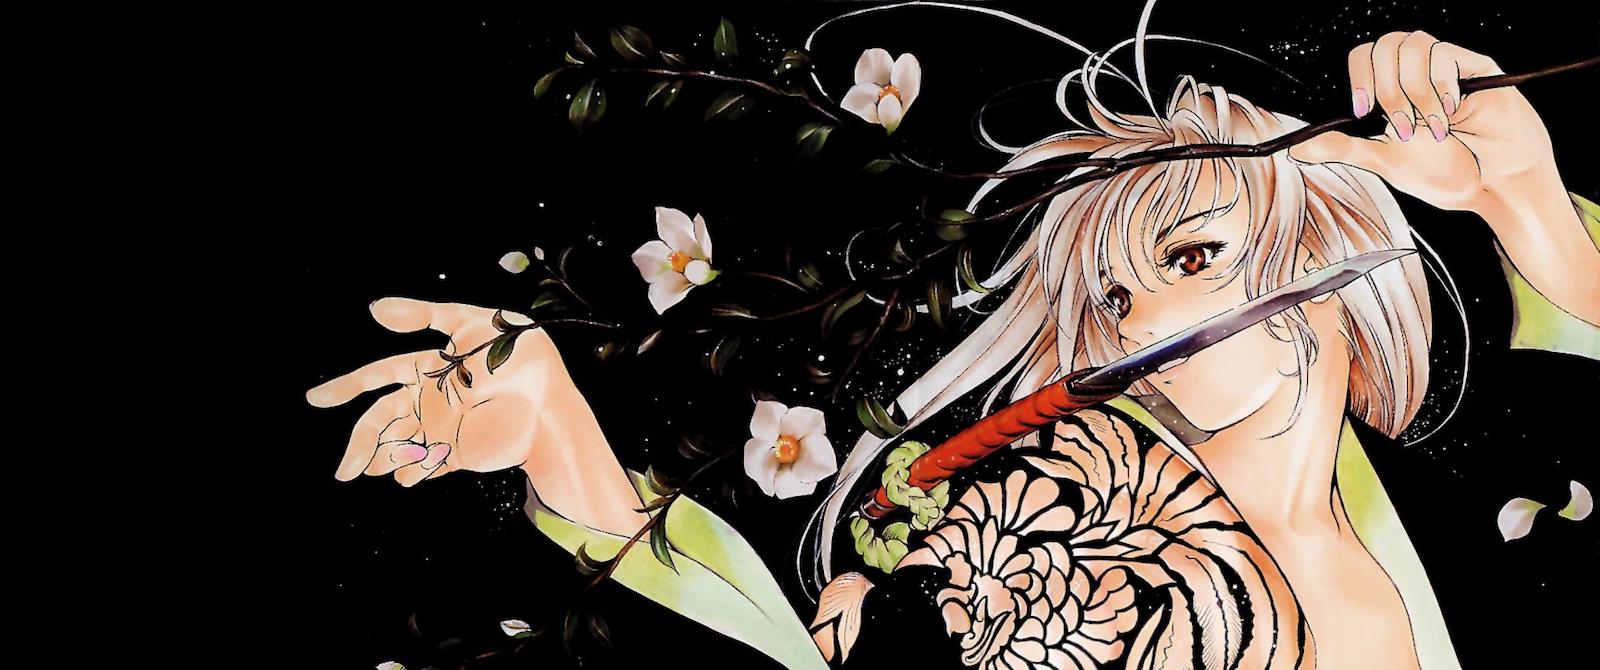 Mulheres fortes e personagens cativantes, conheça Tenjou Tenge